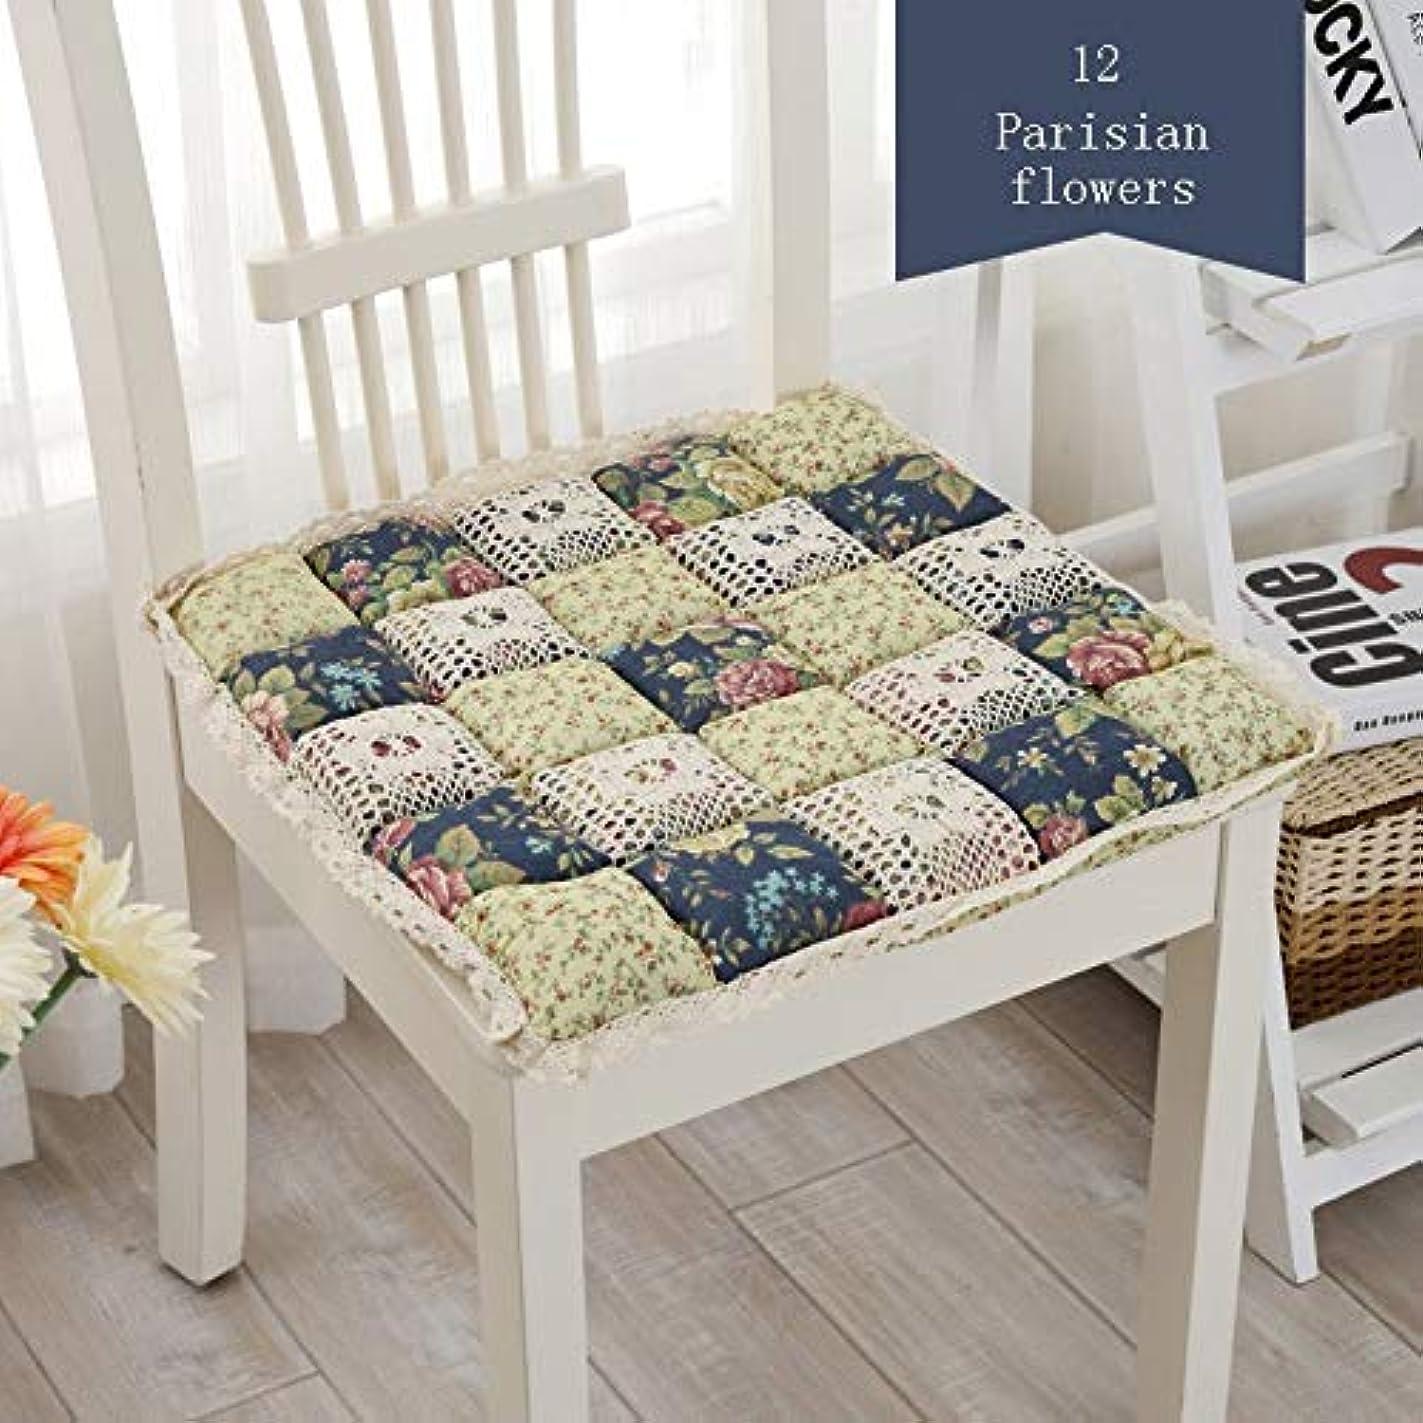 広告する再生可能エコーLIFE 1 個抗褥瘡綿椅子クッション 24 色ファッションオフィス正方形クッション学生チェアクッション家の装飾厚み クッション 椅子